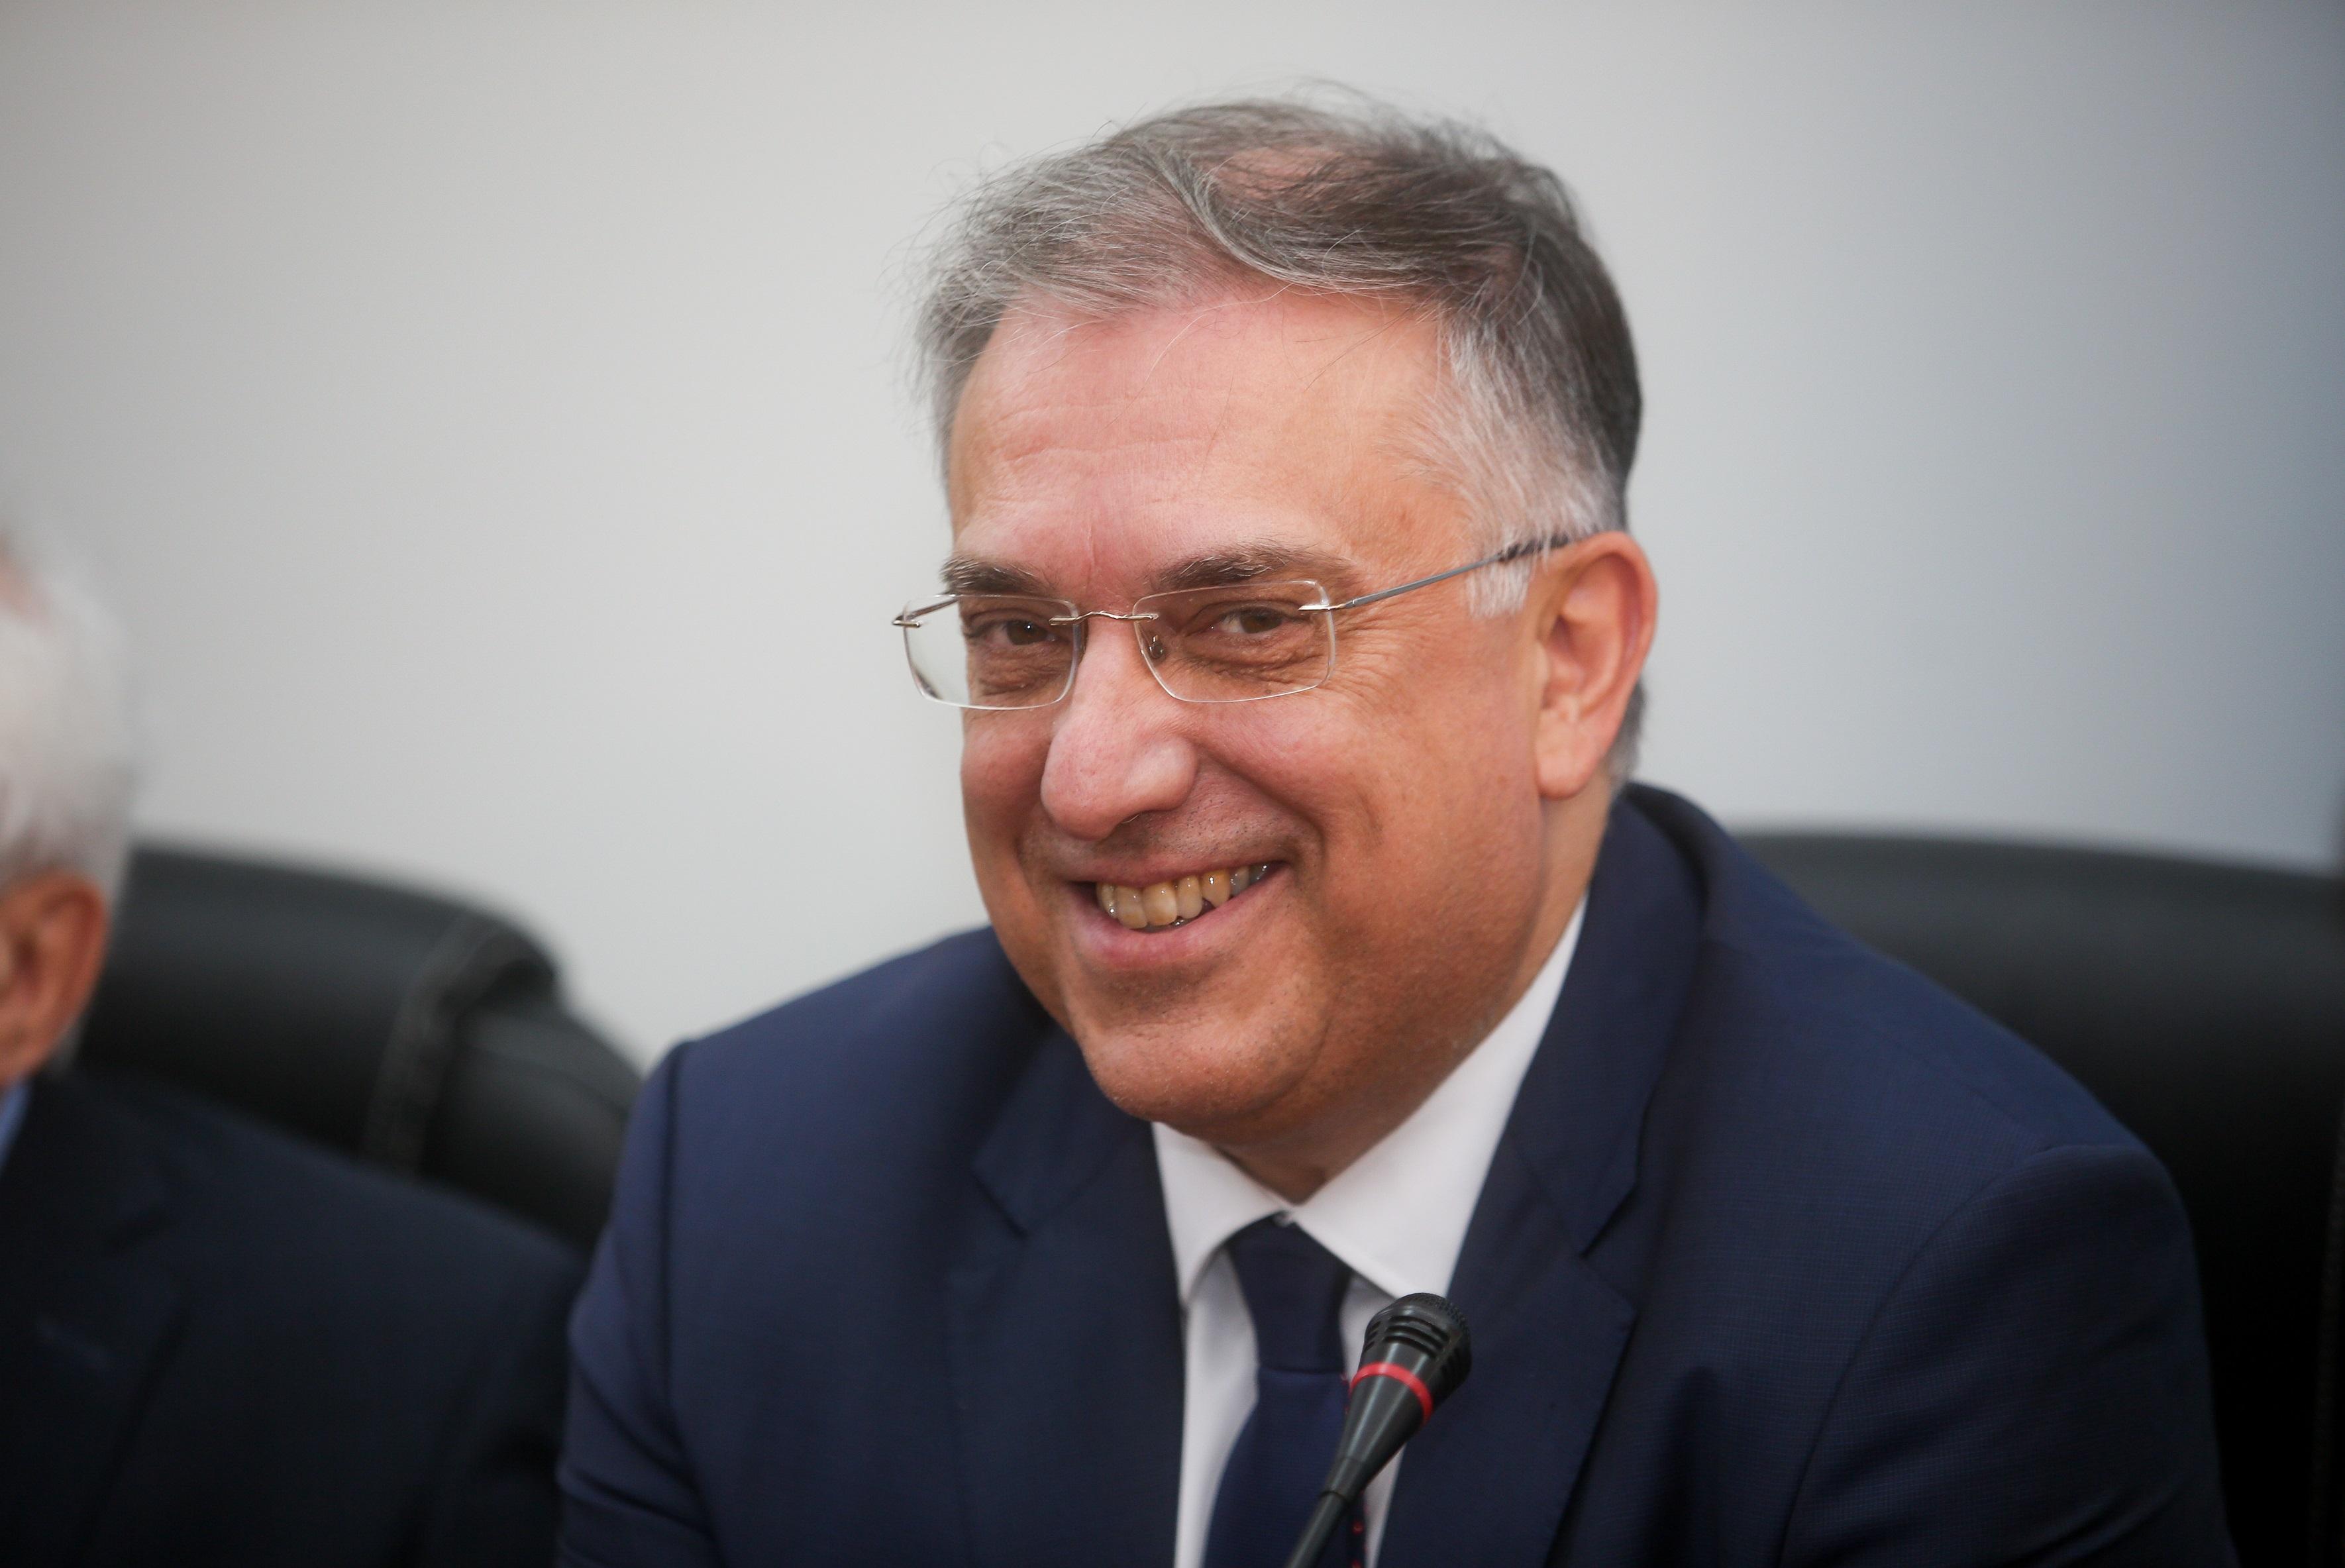 Τάκης Θεοδωρικάκος: Νέος εκλογικός νόμος - Δεν θα γίνουν απολύσεις δημοσίων υπαλλήλων!